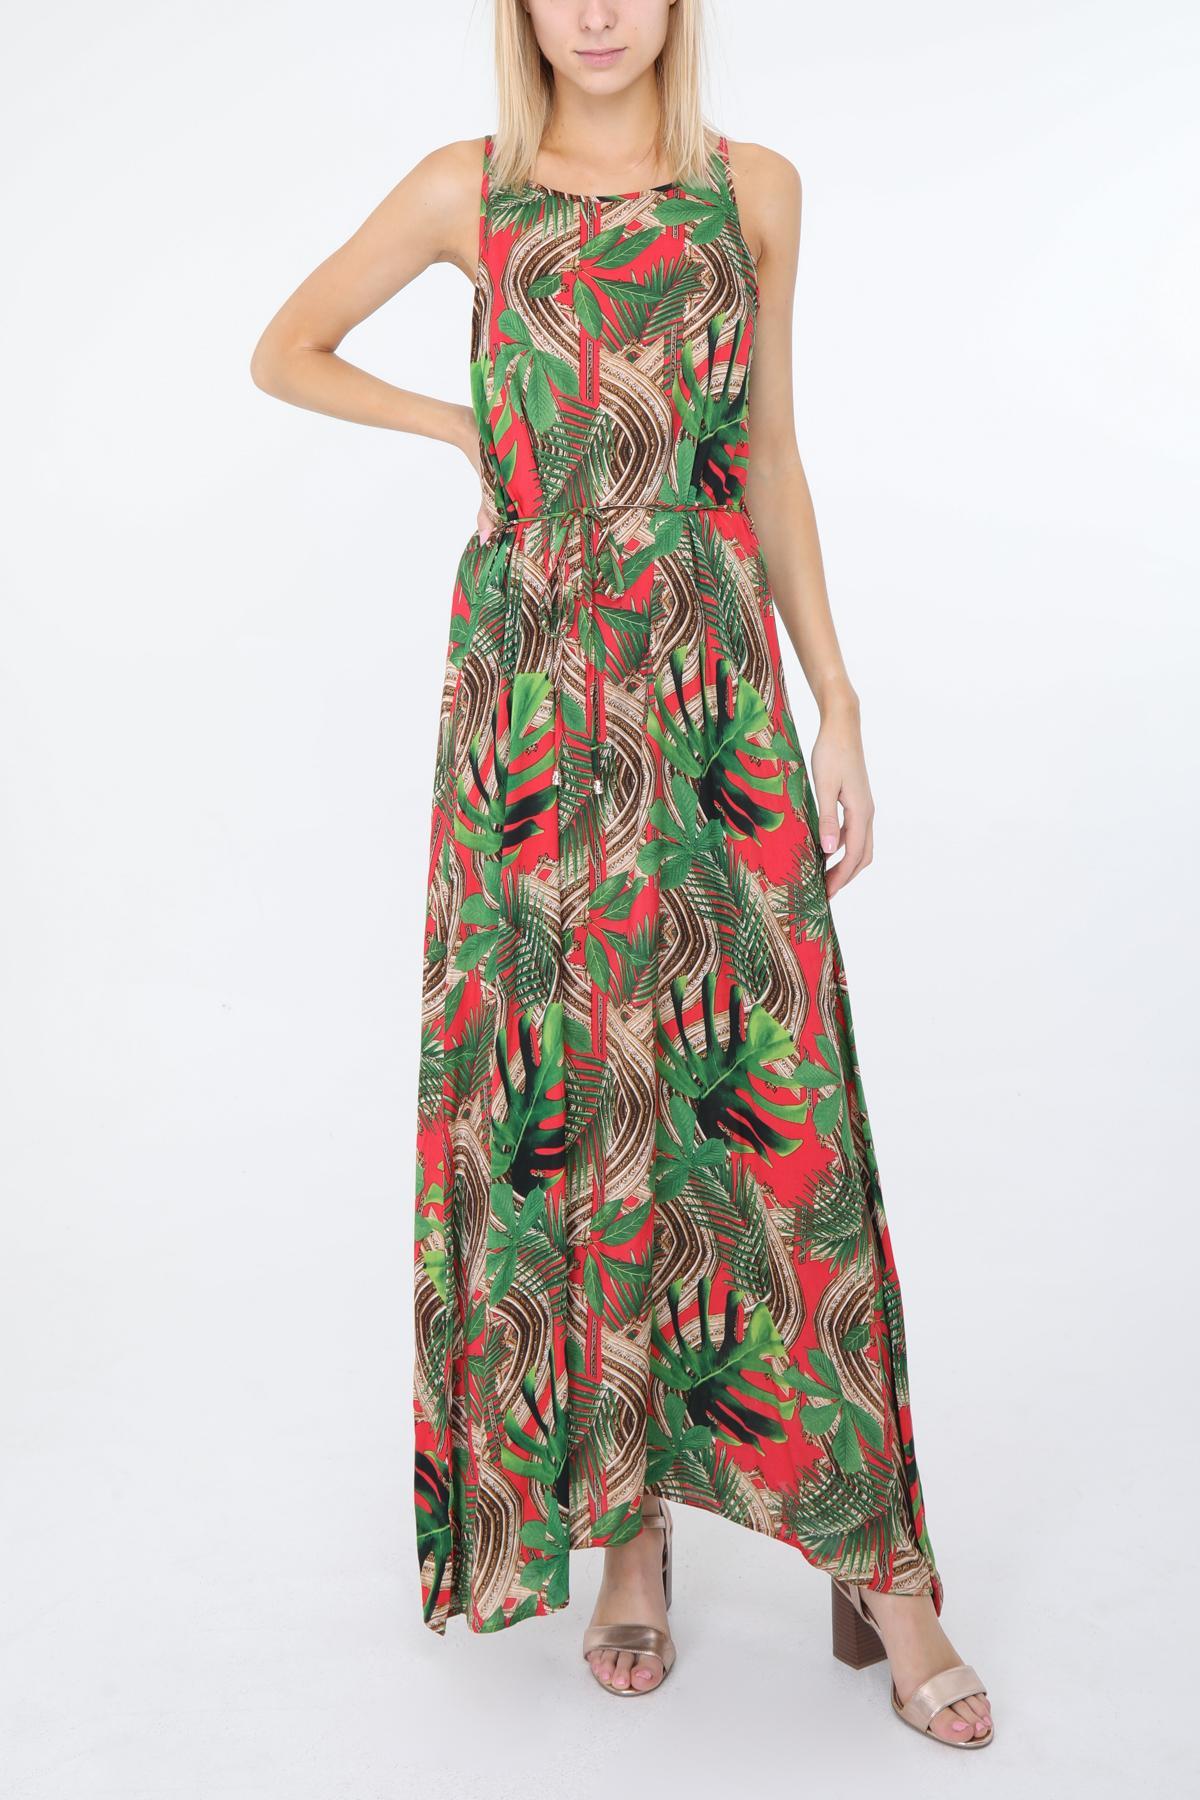 Robes longues Femme Rouge Ki & Love  KL110-263# #c eFashion Paris